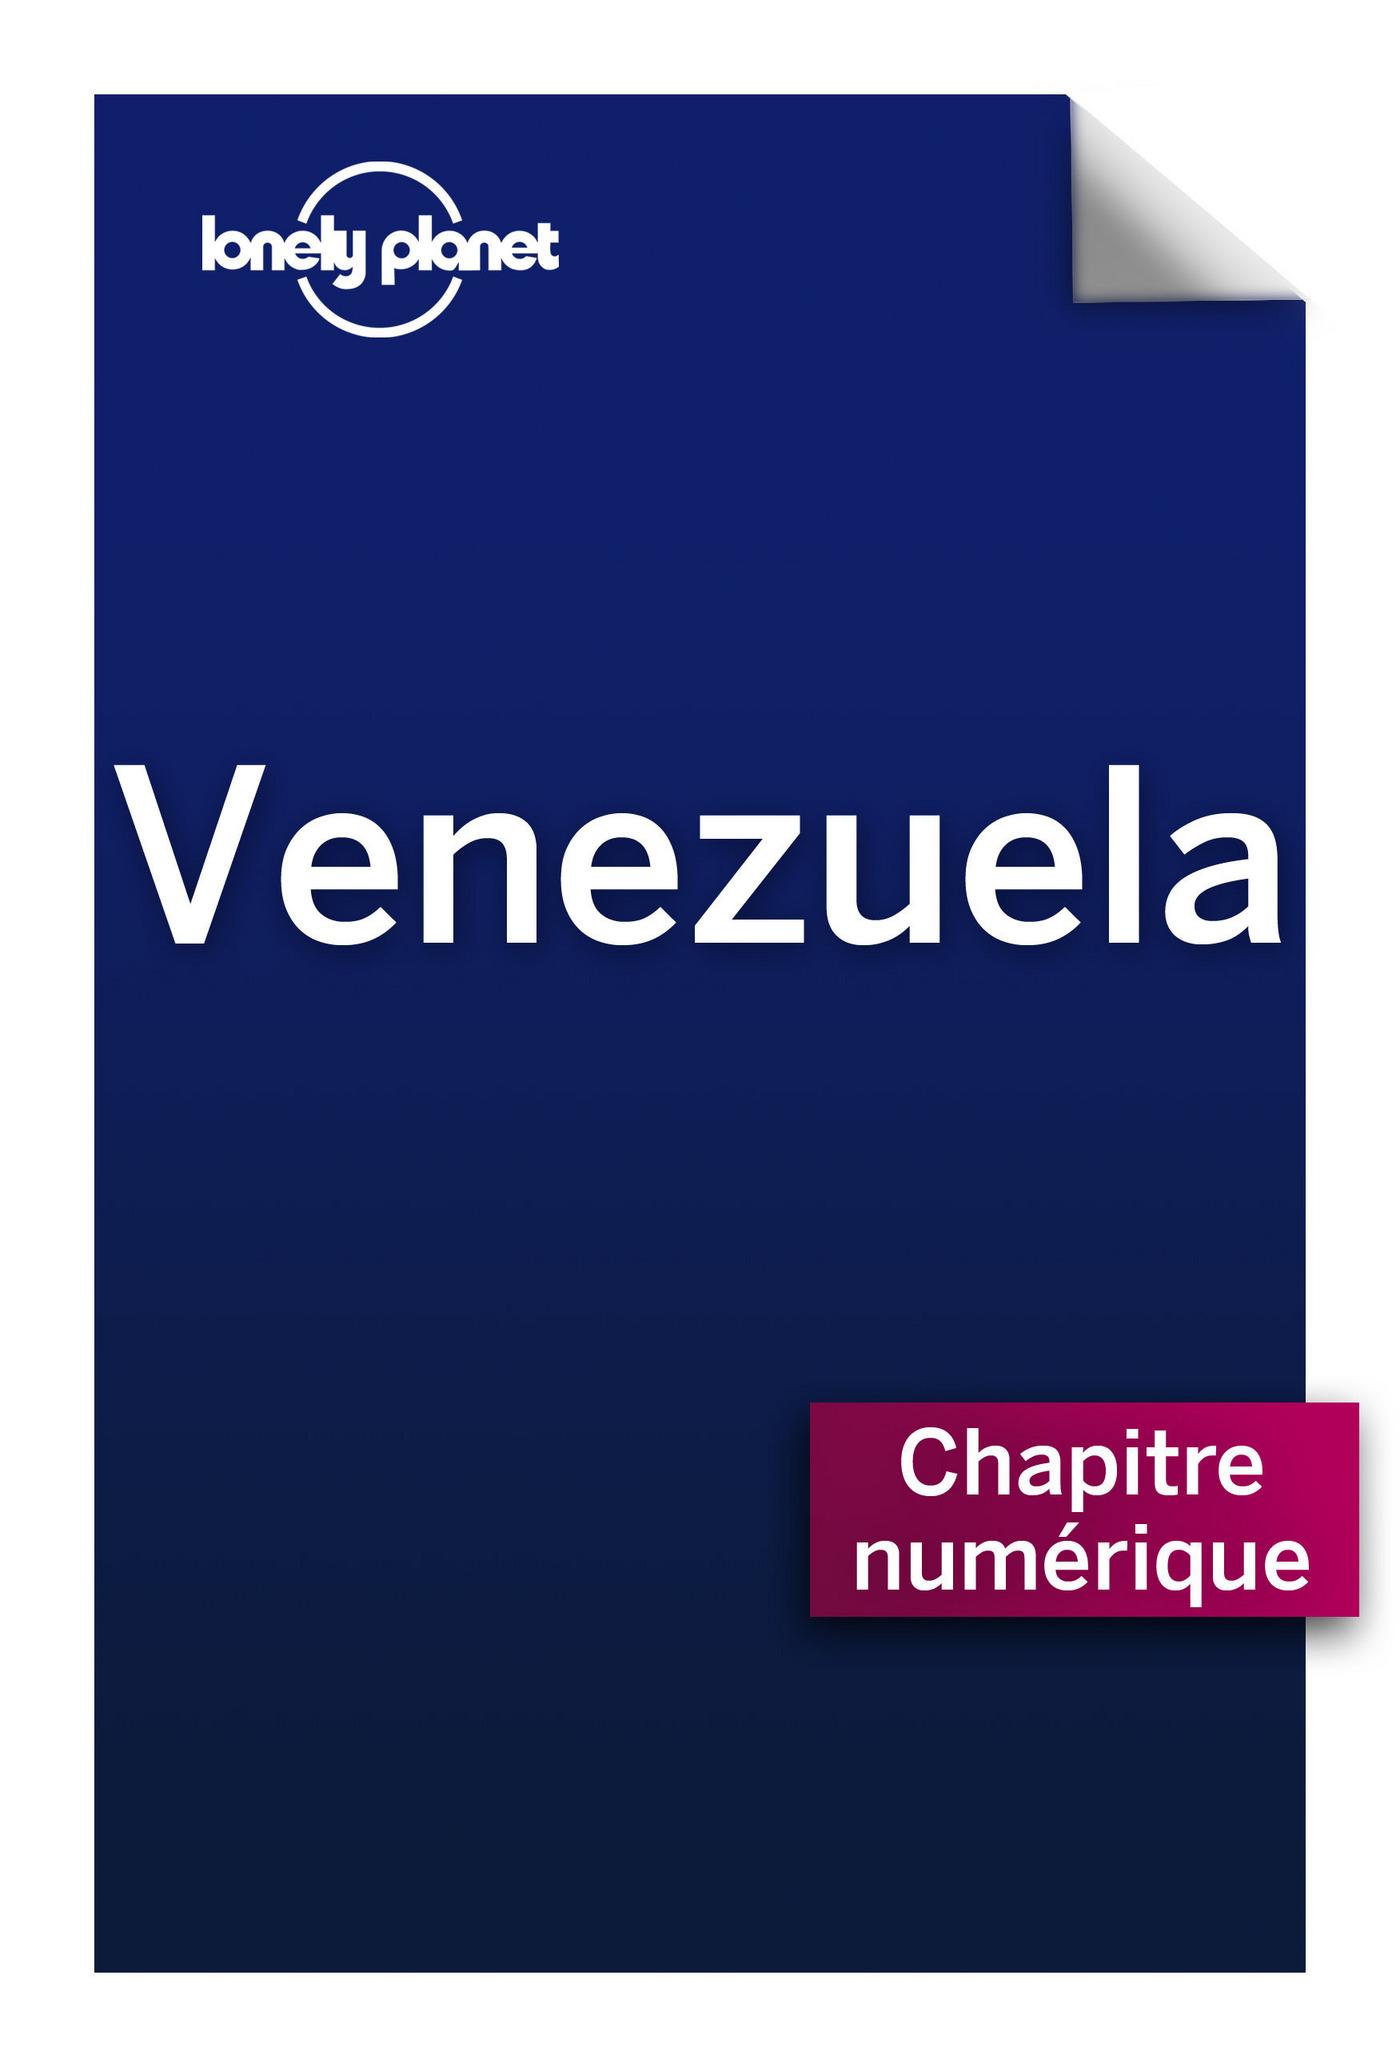 Vénézuela - Guayana